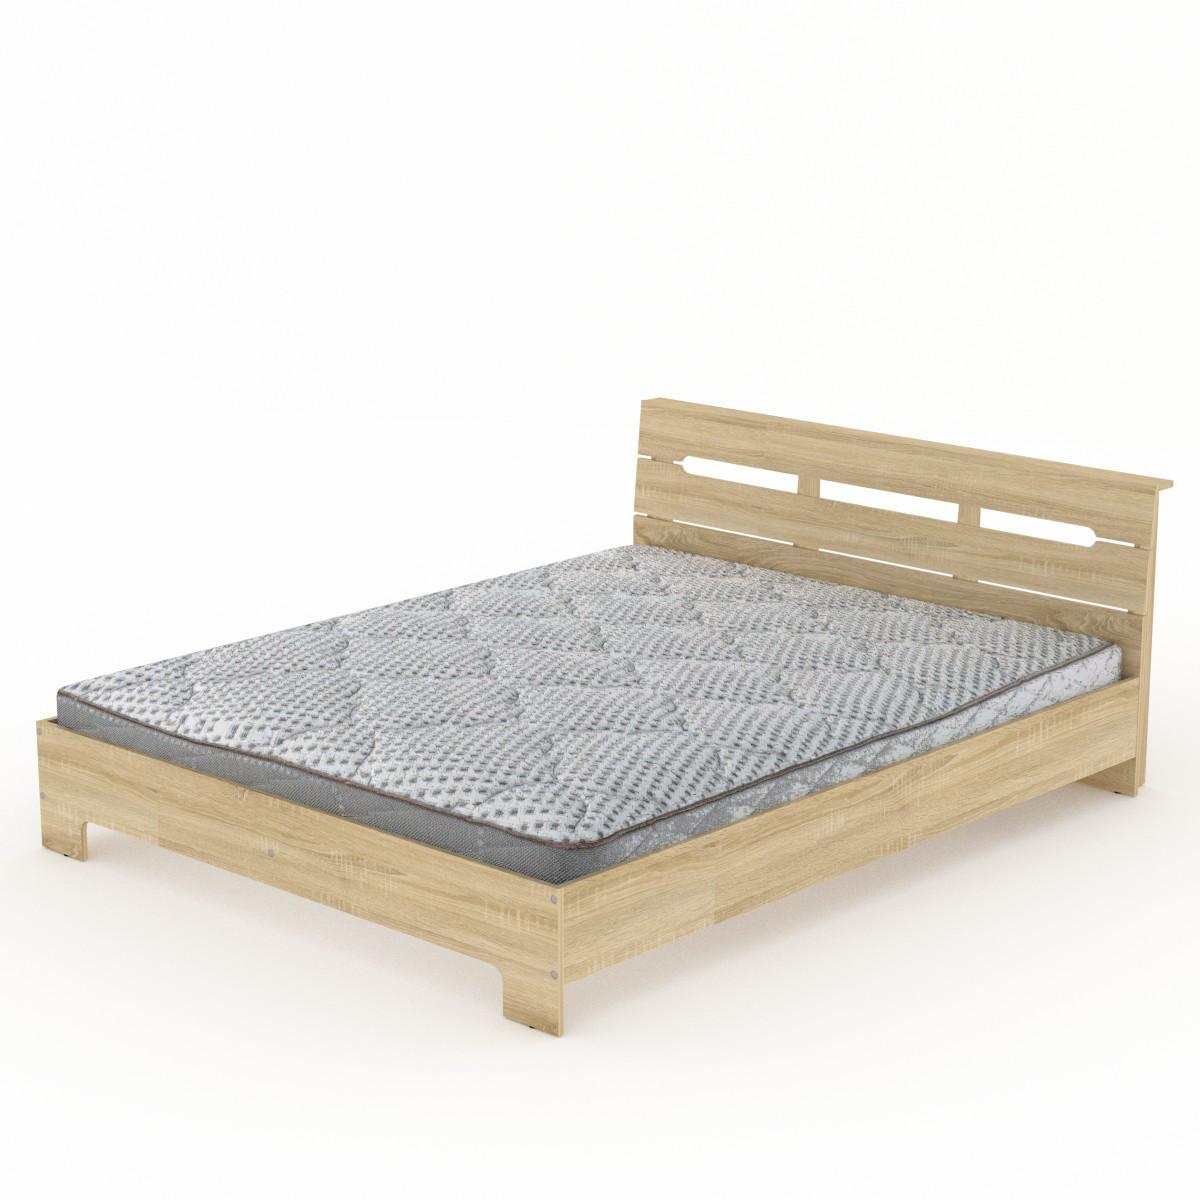 Кровать с матрасом 160 Стиль дуб сонома Компанит (164х213х77 см)